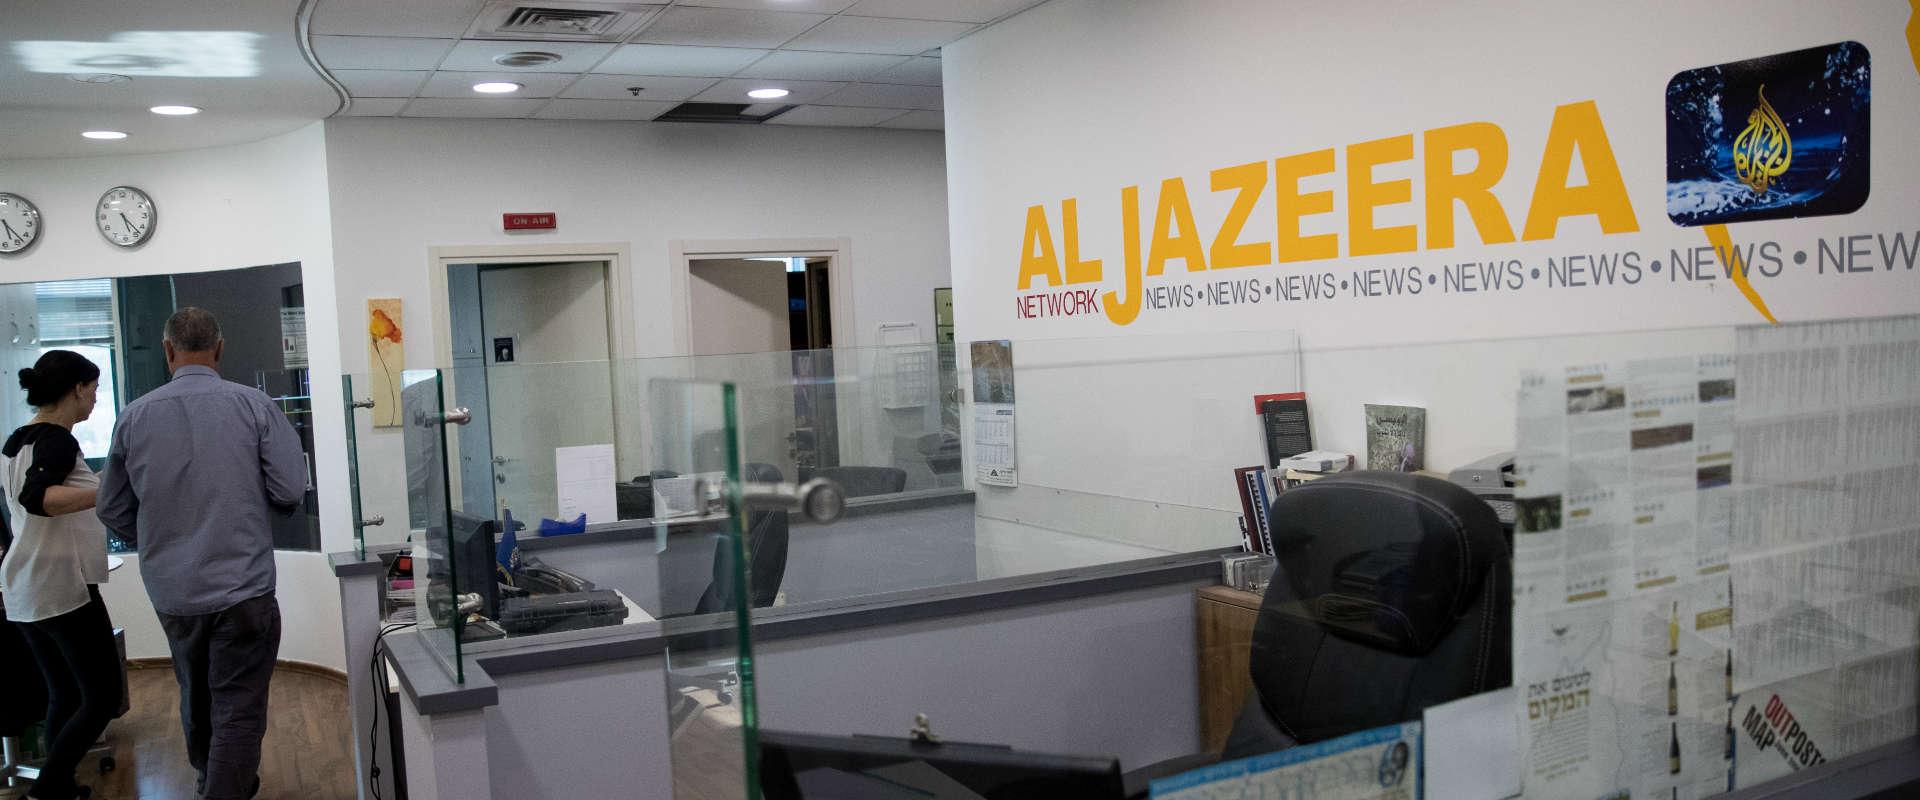 משרדי אל ג'זירה בירושלים